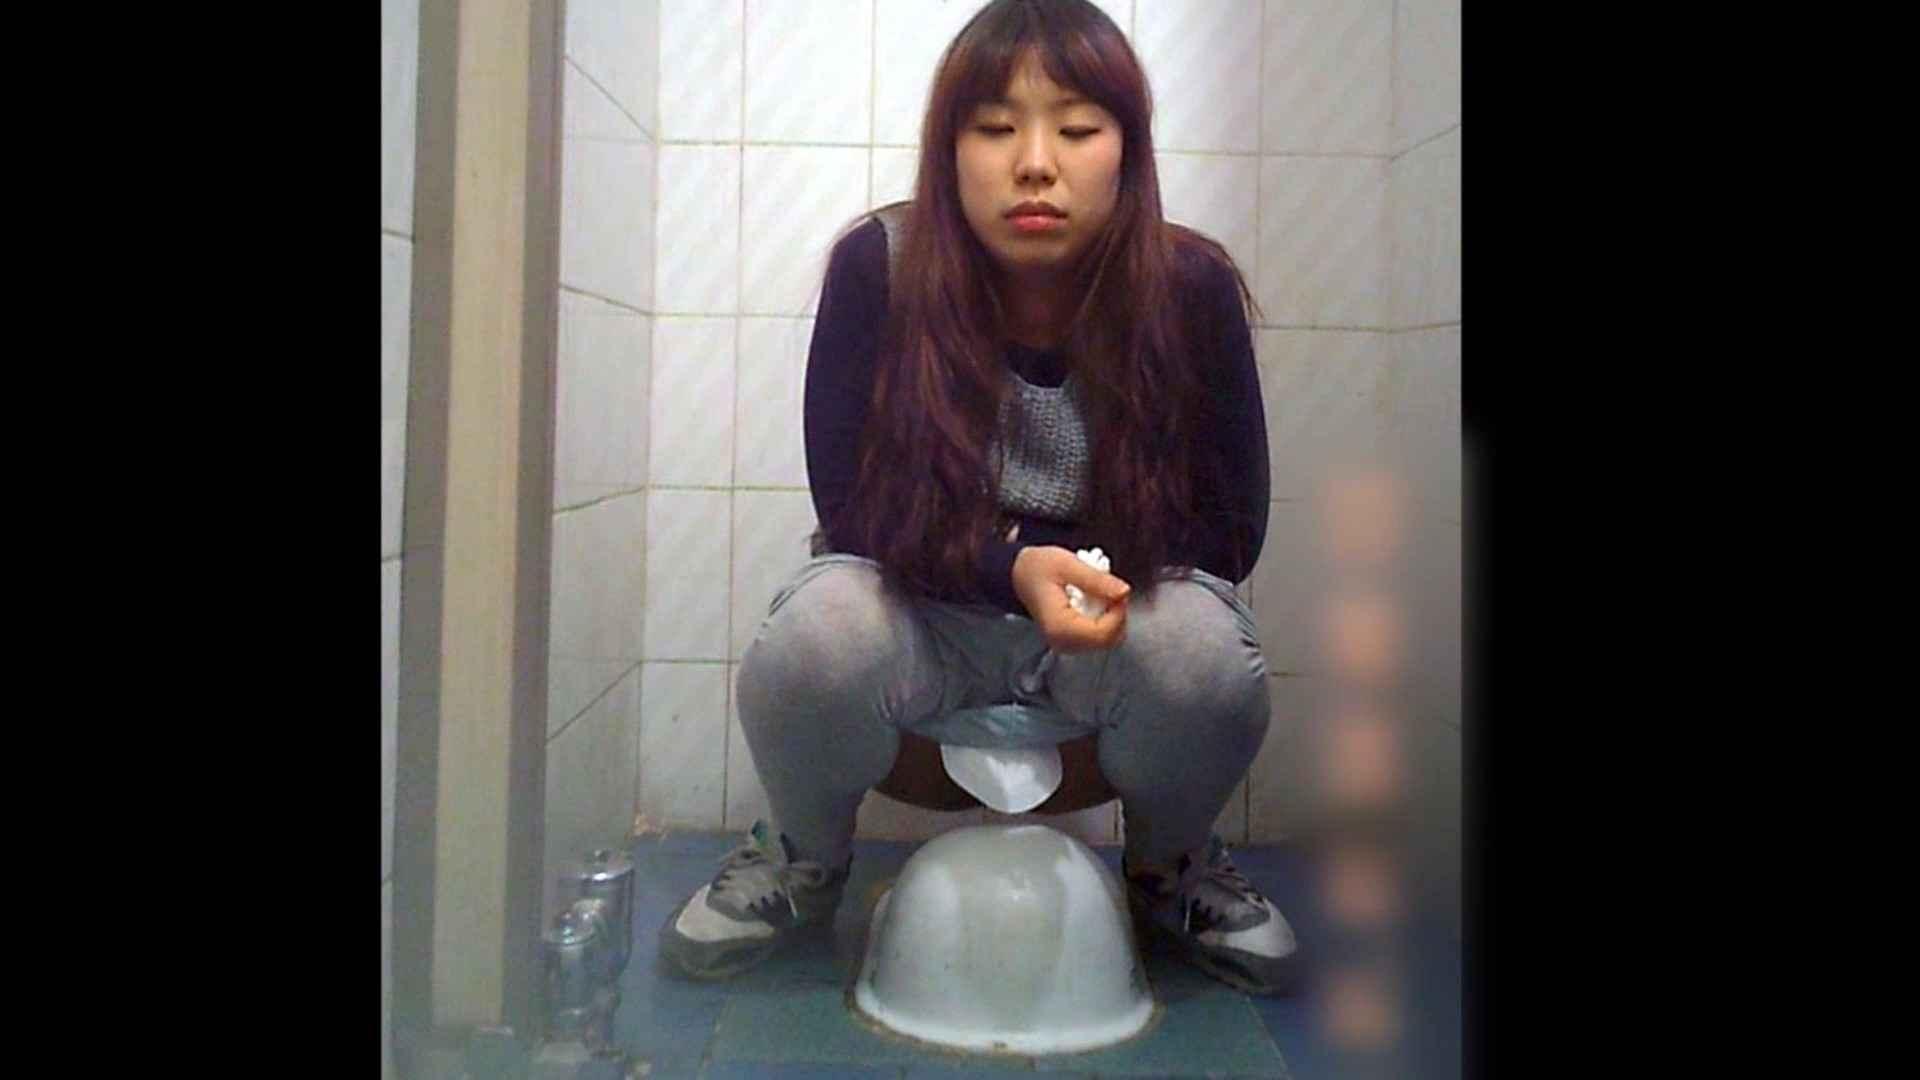 潜入!!韓国秘密のトイレ!Vol.11 女子トイレ潜入 | 潜入突撃  69pic 51